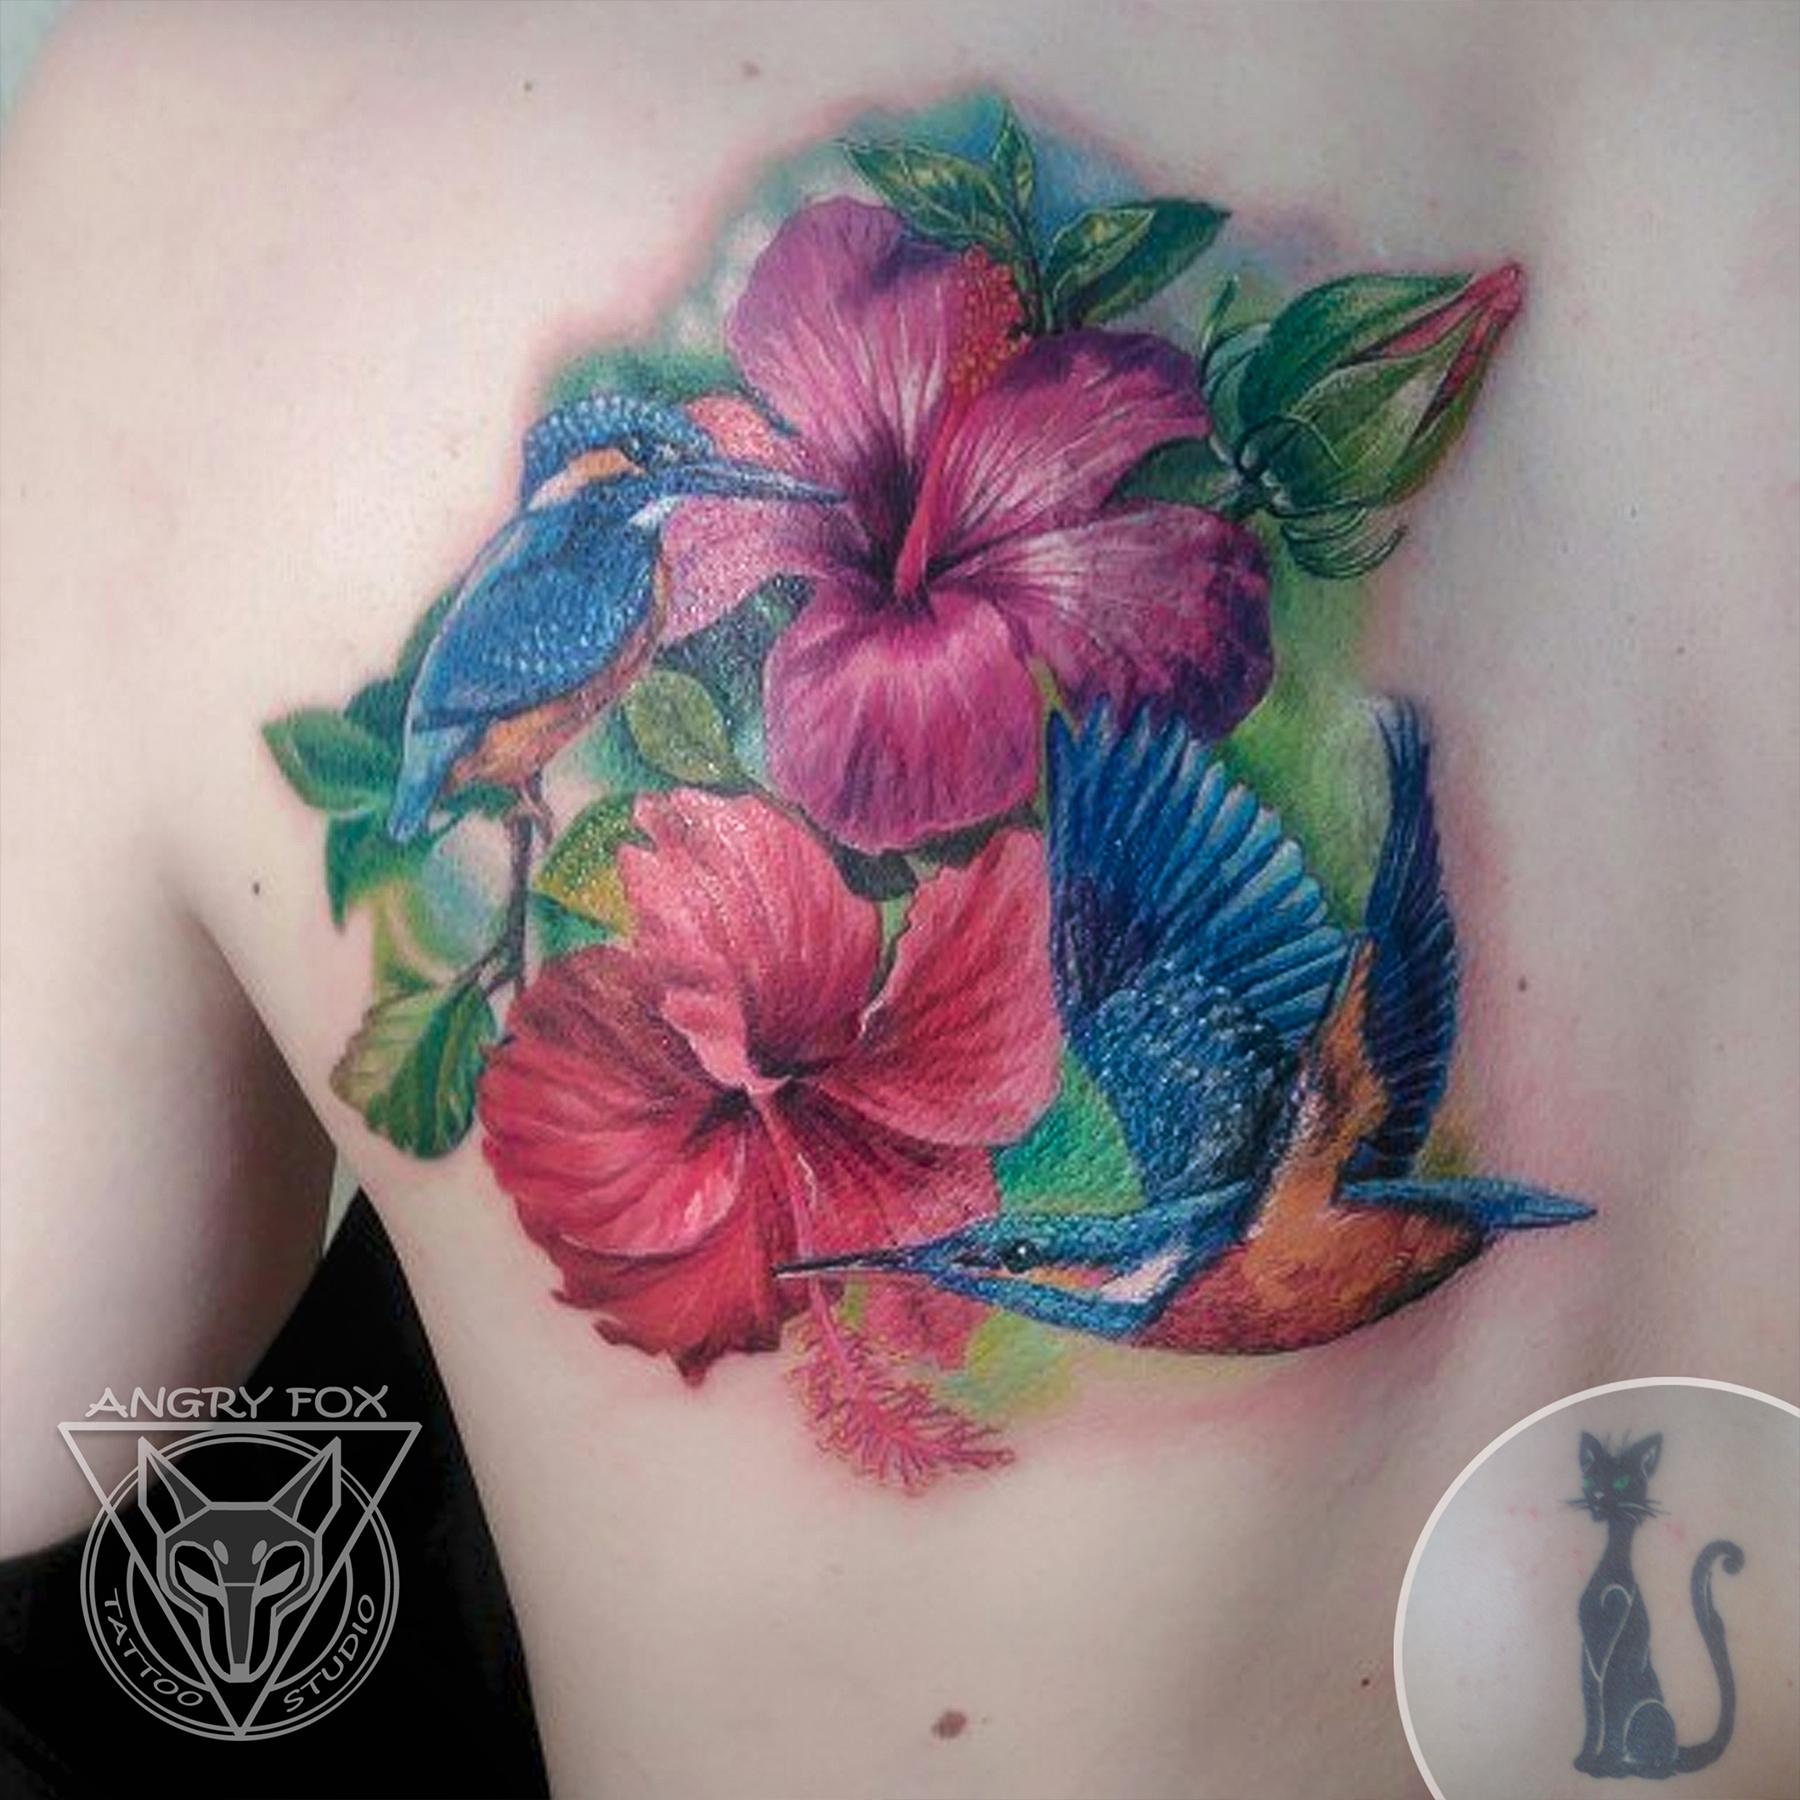 тату, татуировка, спина, плечо, лопатка, перекрытие, зимородок, гибискус, цветы, фото, листья, после, реализм, реалистичная